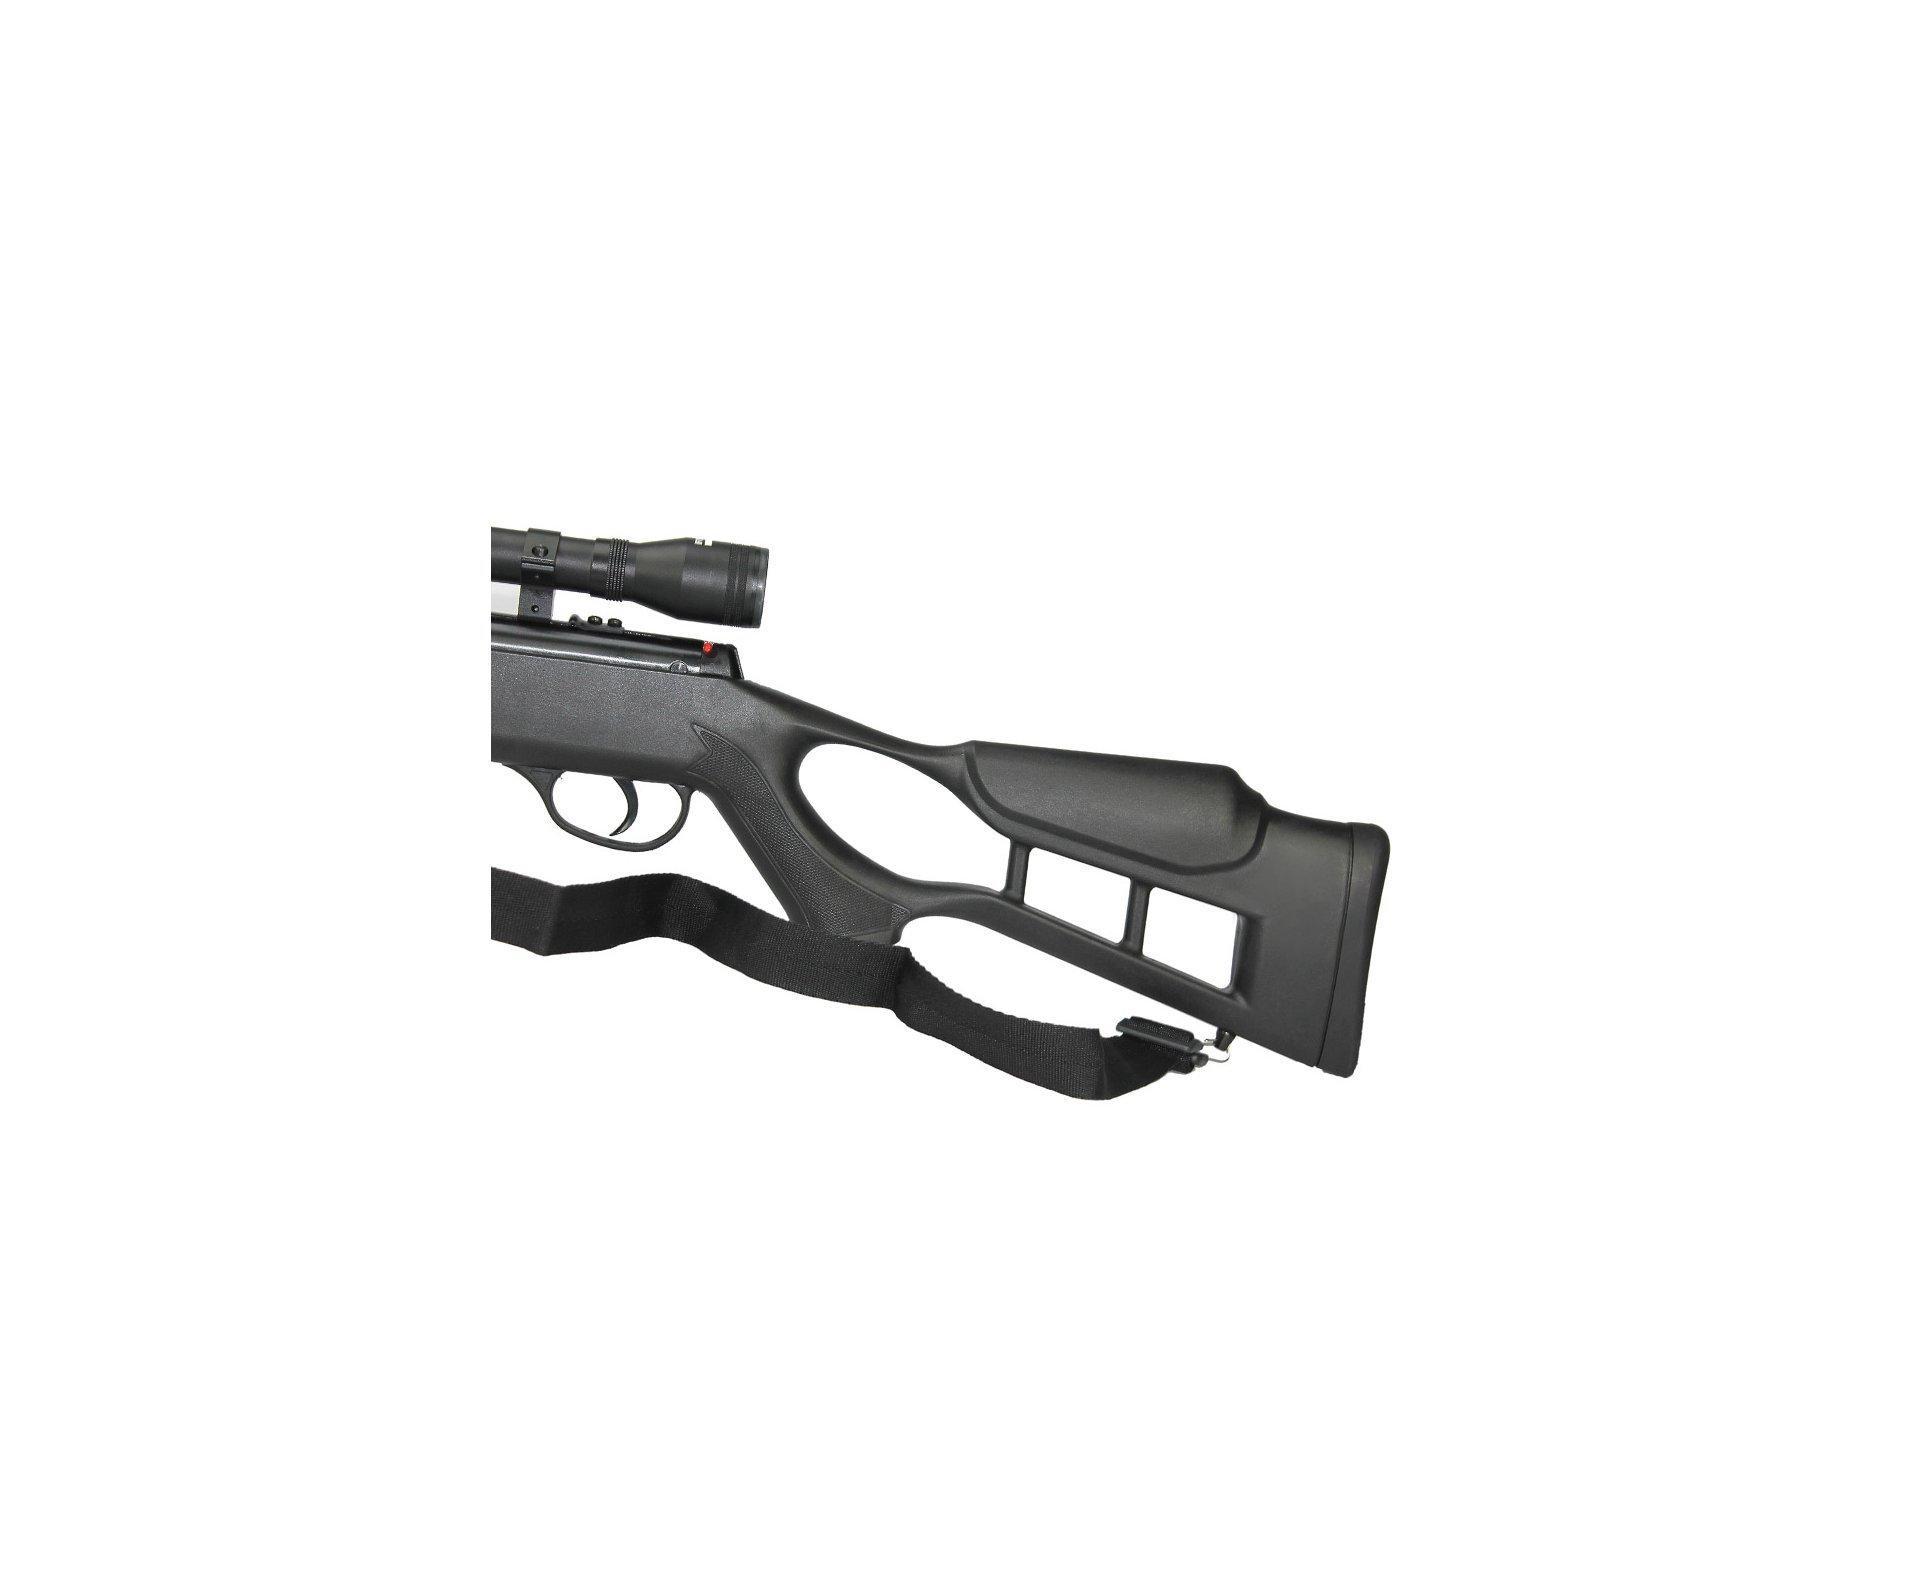 Carabina De Pressão Hatsan Striker Combo Especial - Cal 5,5mm + Pistão Pneumático + Luneta 4x32 + Bandoleira + Chumbinho + Case Rossi